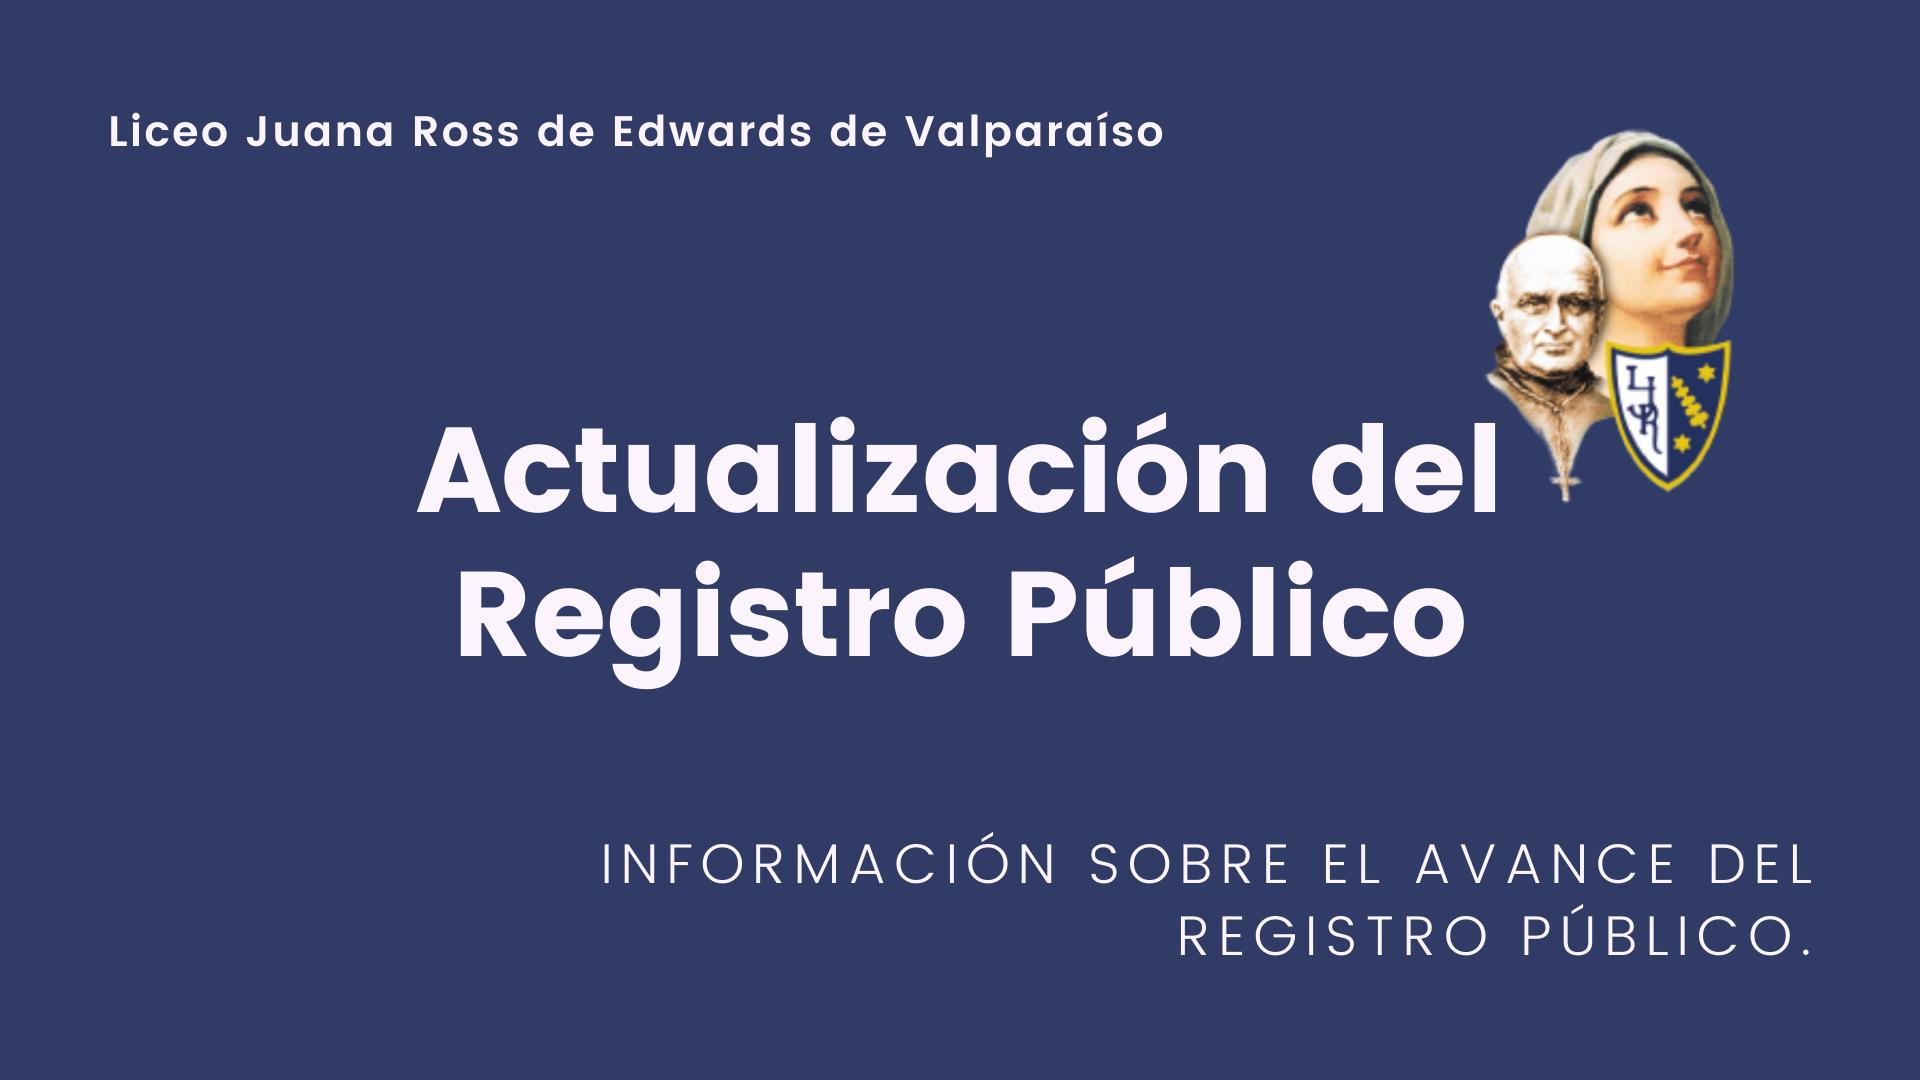 Actualización del Registro Público – LJR